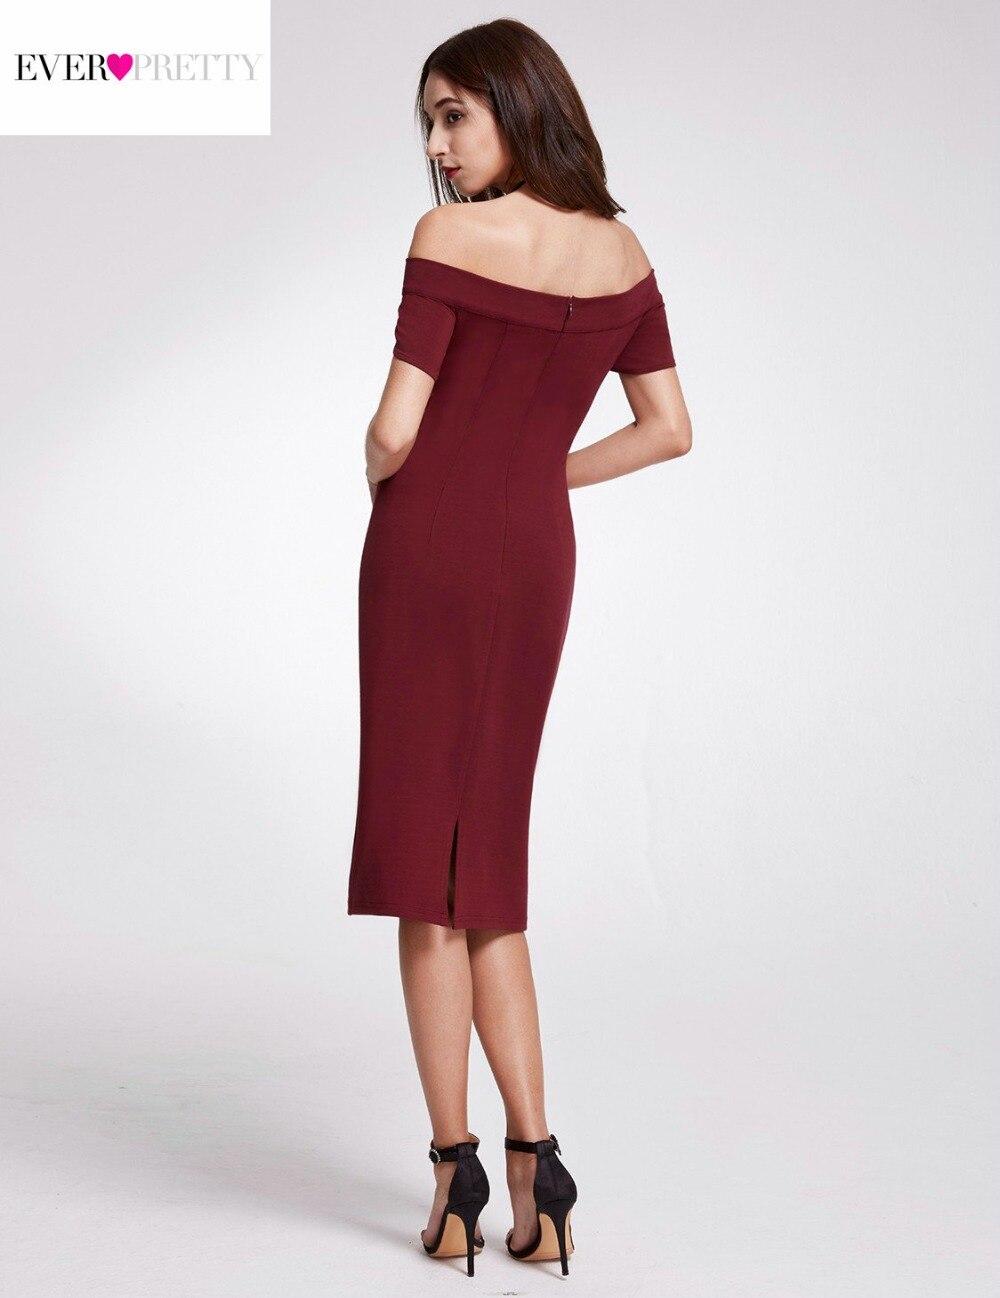 Gorąca sprzedaż burgundowe sukienki koktajlowe 2018 Ever Pretty - Suknie specjalne okazje - Zdjęcie 4